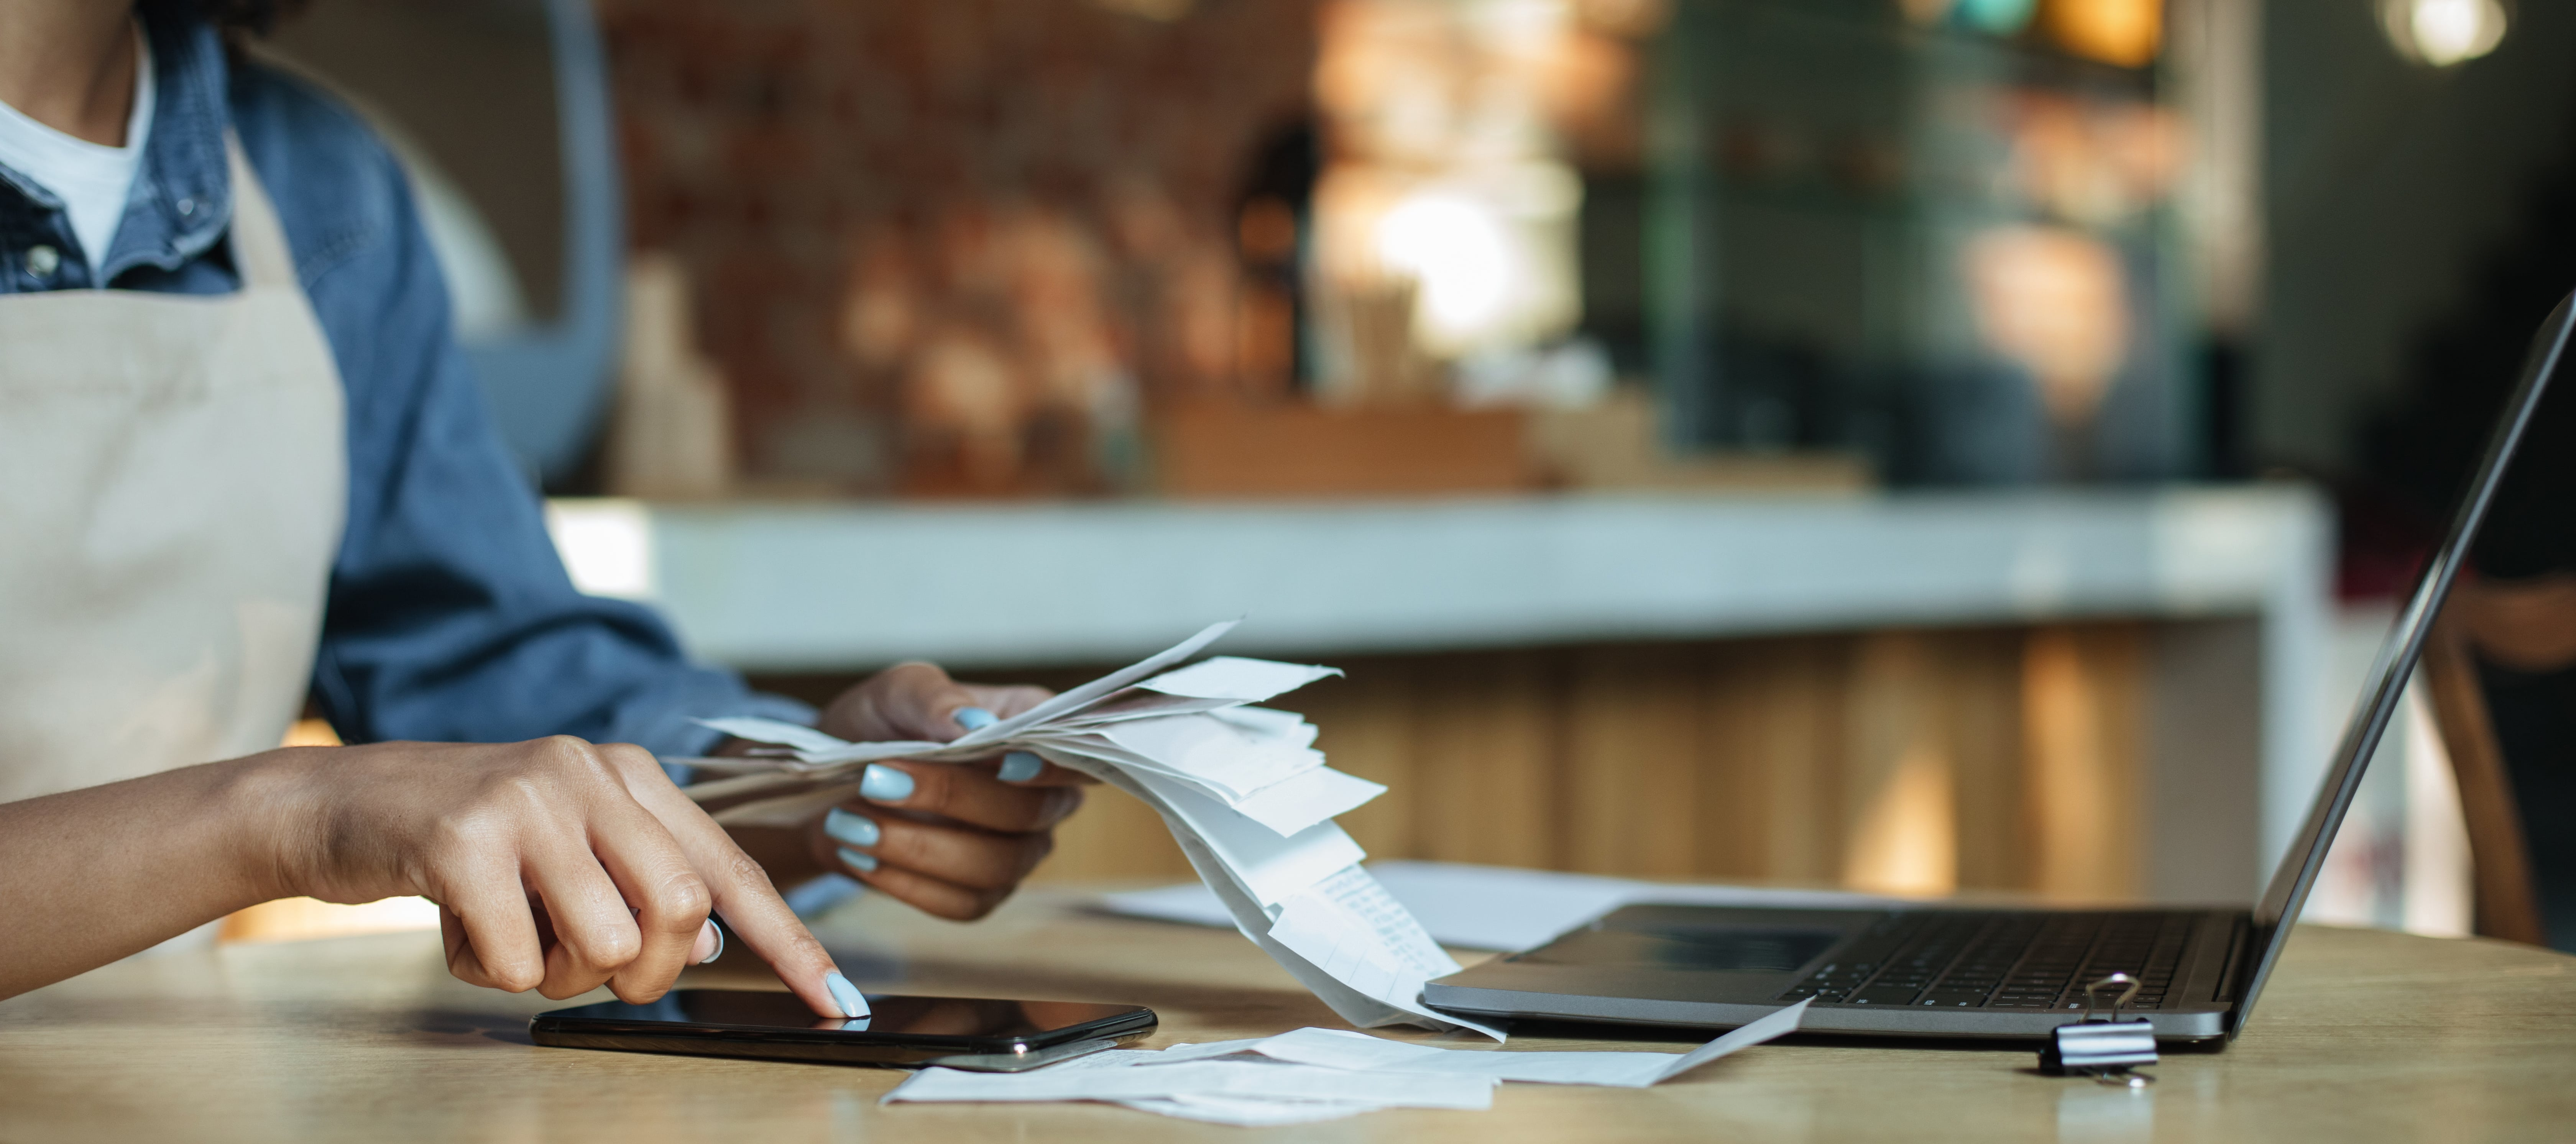 Simples gaúcho: entenda as mudanças para as pequenas empresas